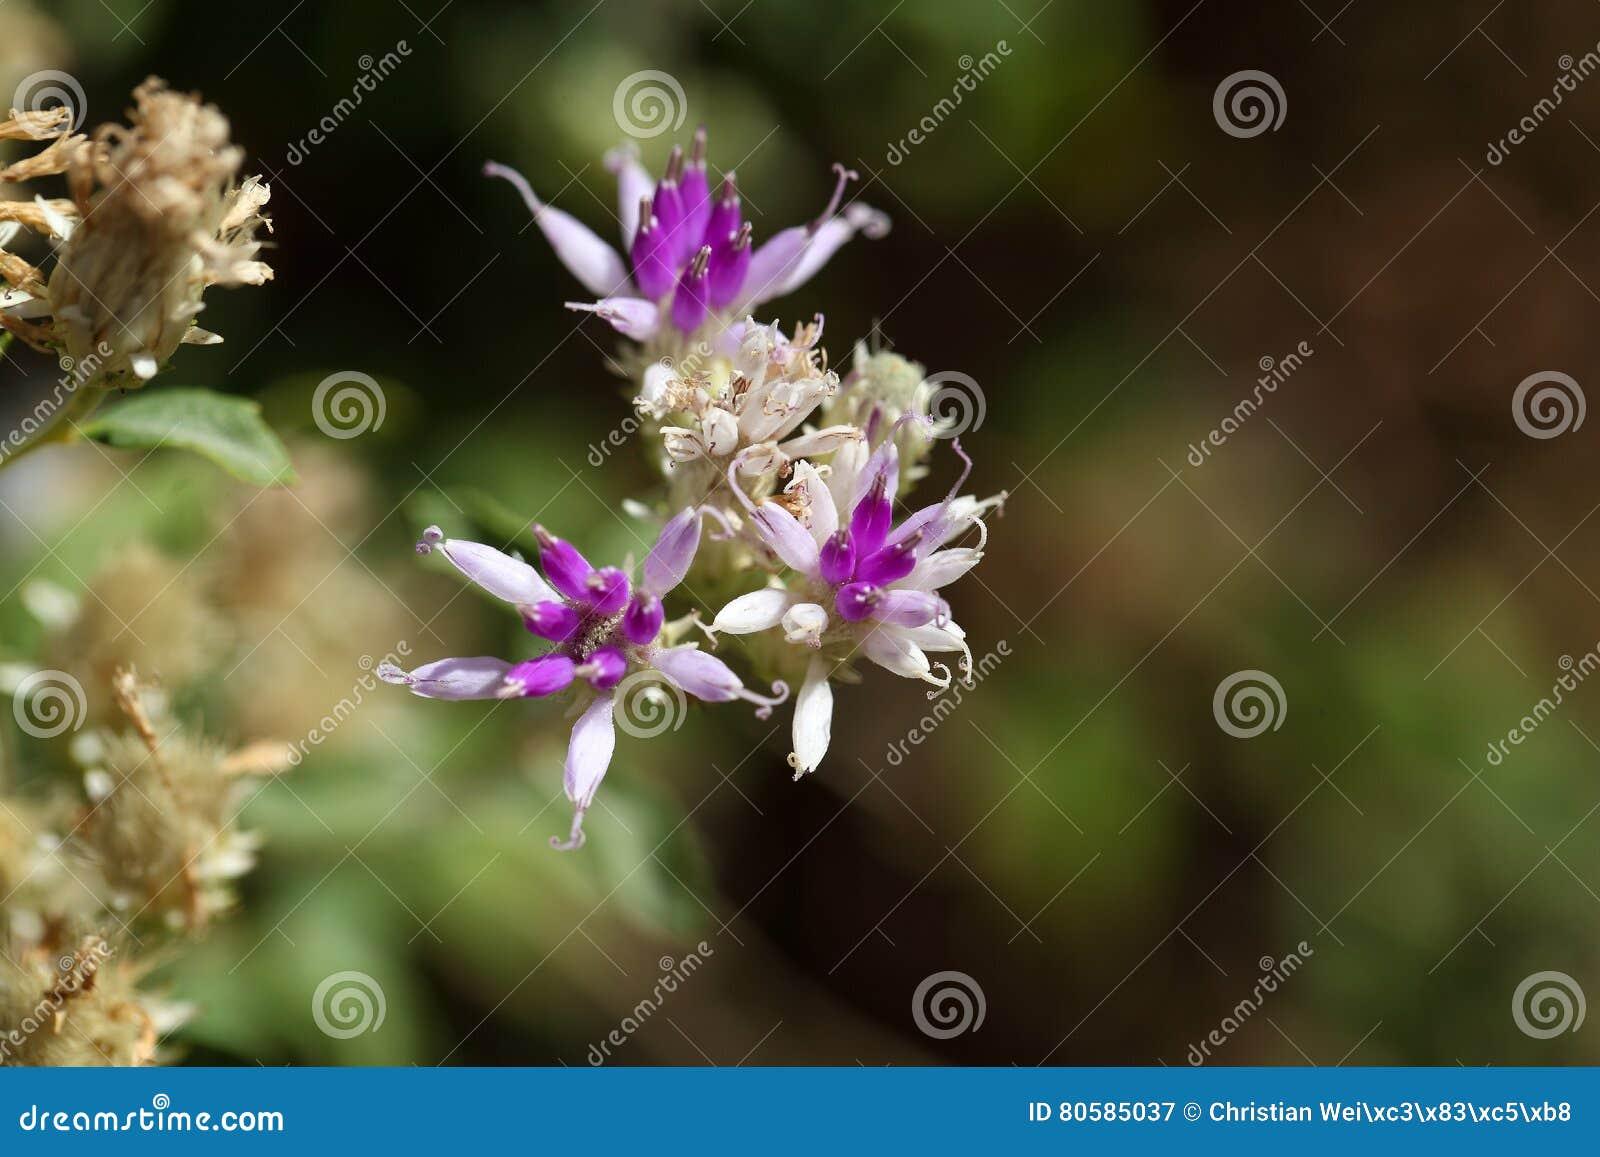 Купить цветы оптом в Москве мелкий и крупный опт живых цветов